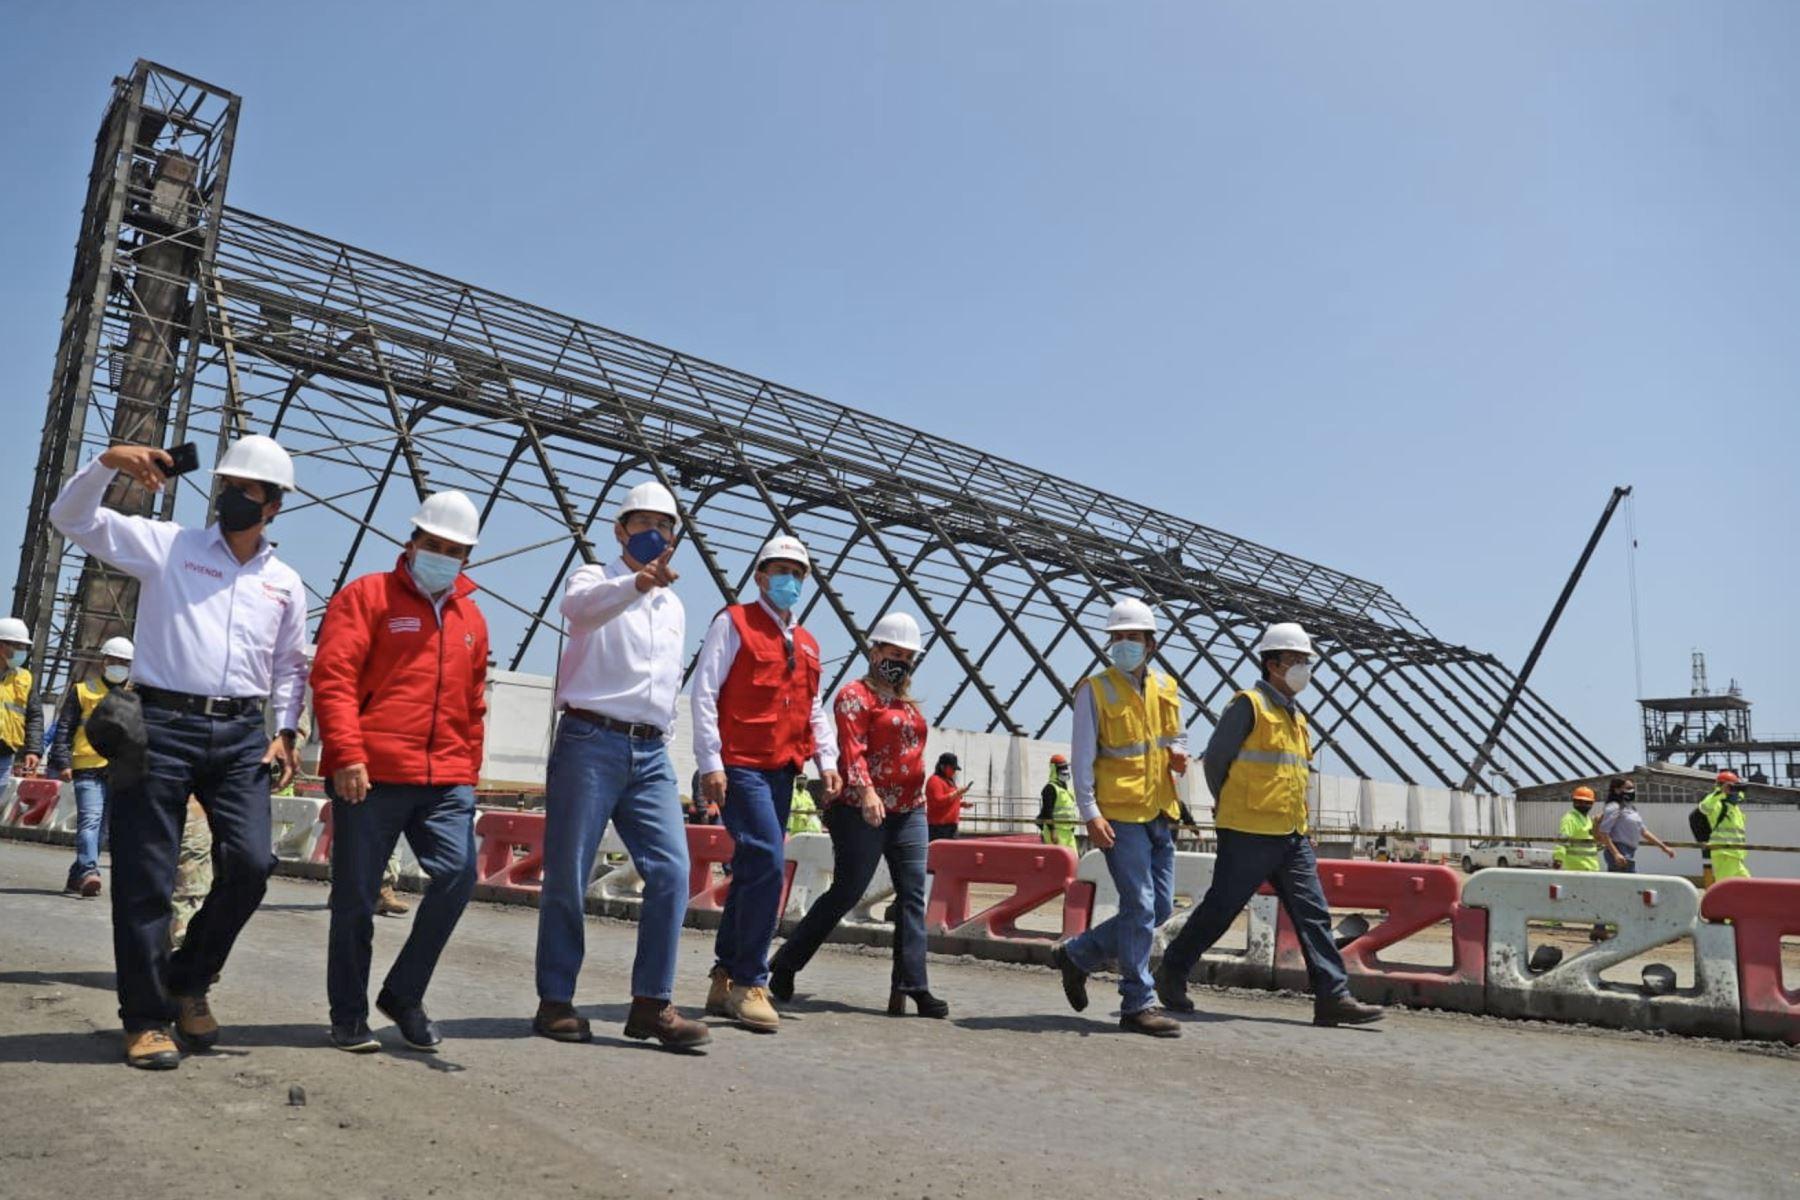 La modernización del Terminal Portuario multipropósito de Salaverry, permitirá un aumento en la comercialización de productos como la harina de pescado, trigo, entre otros. Foto: ANDINA/Prensa Presidencia